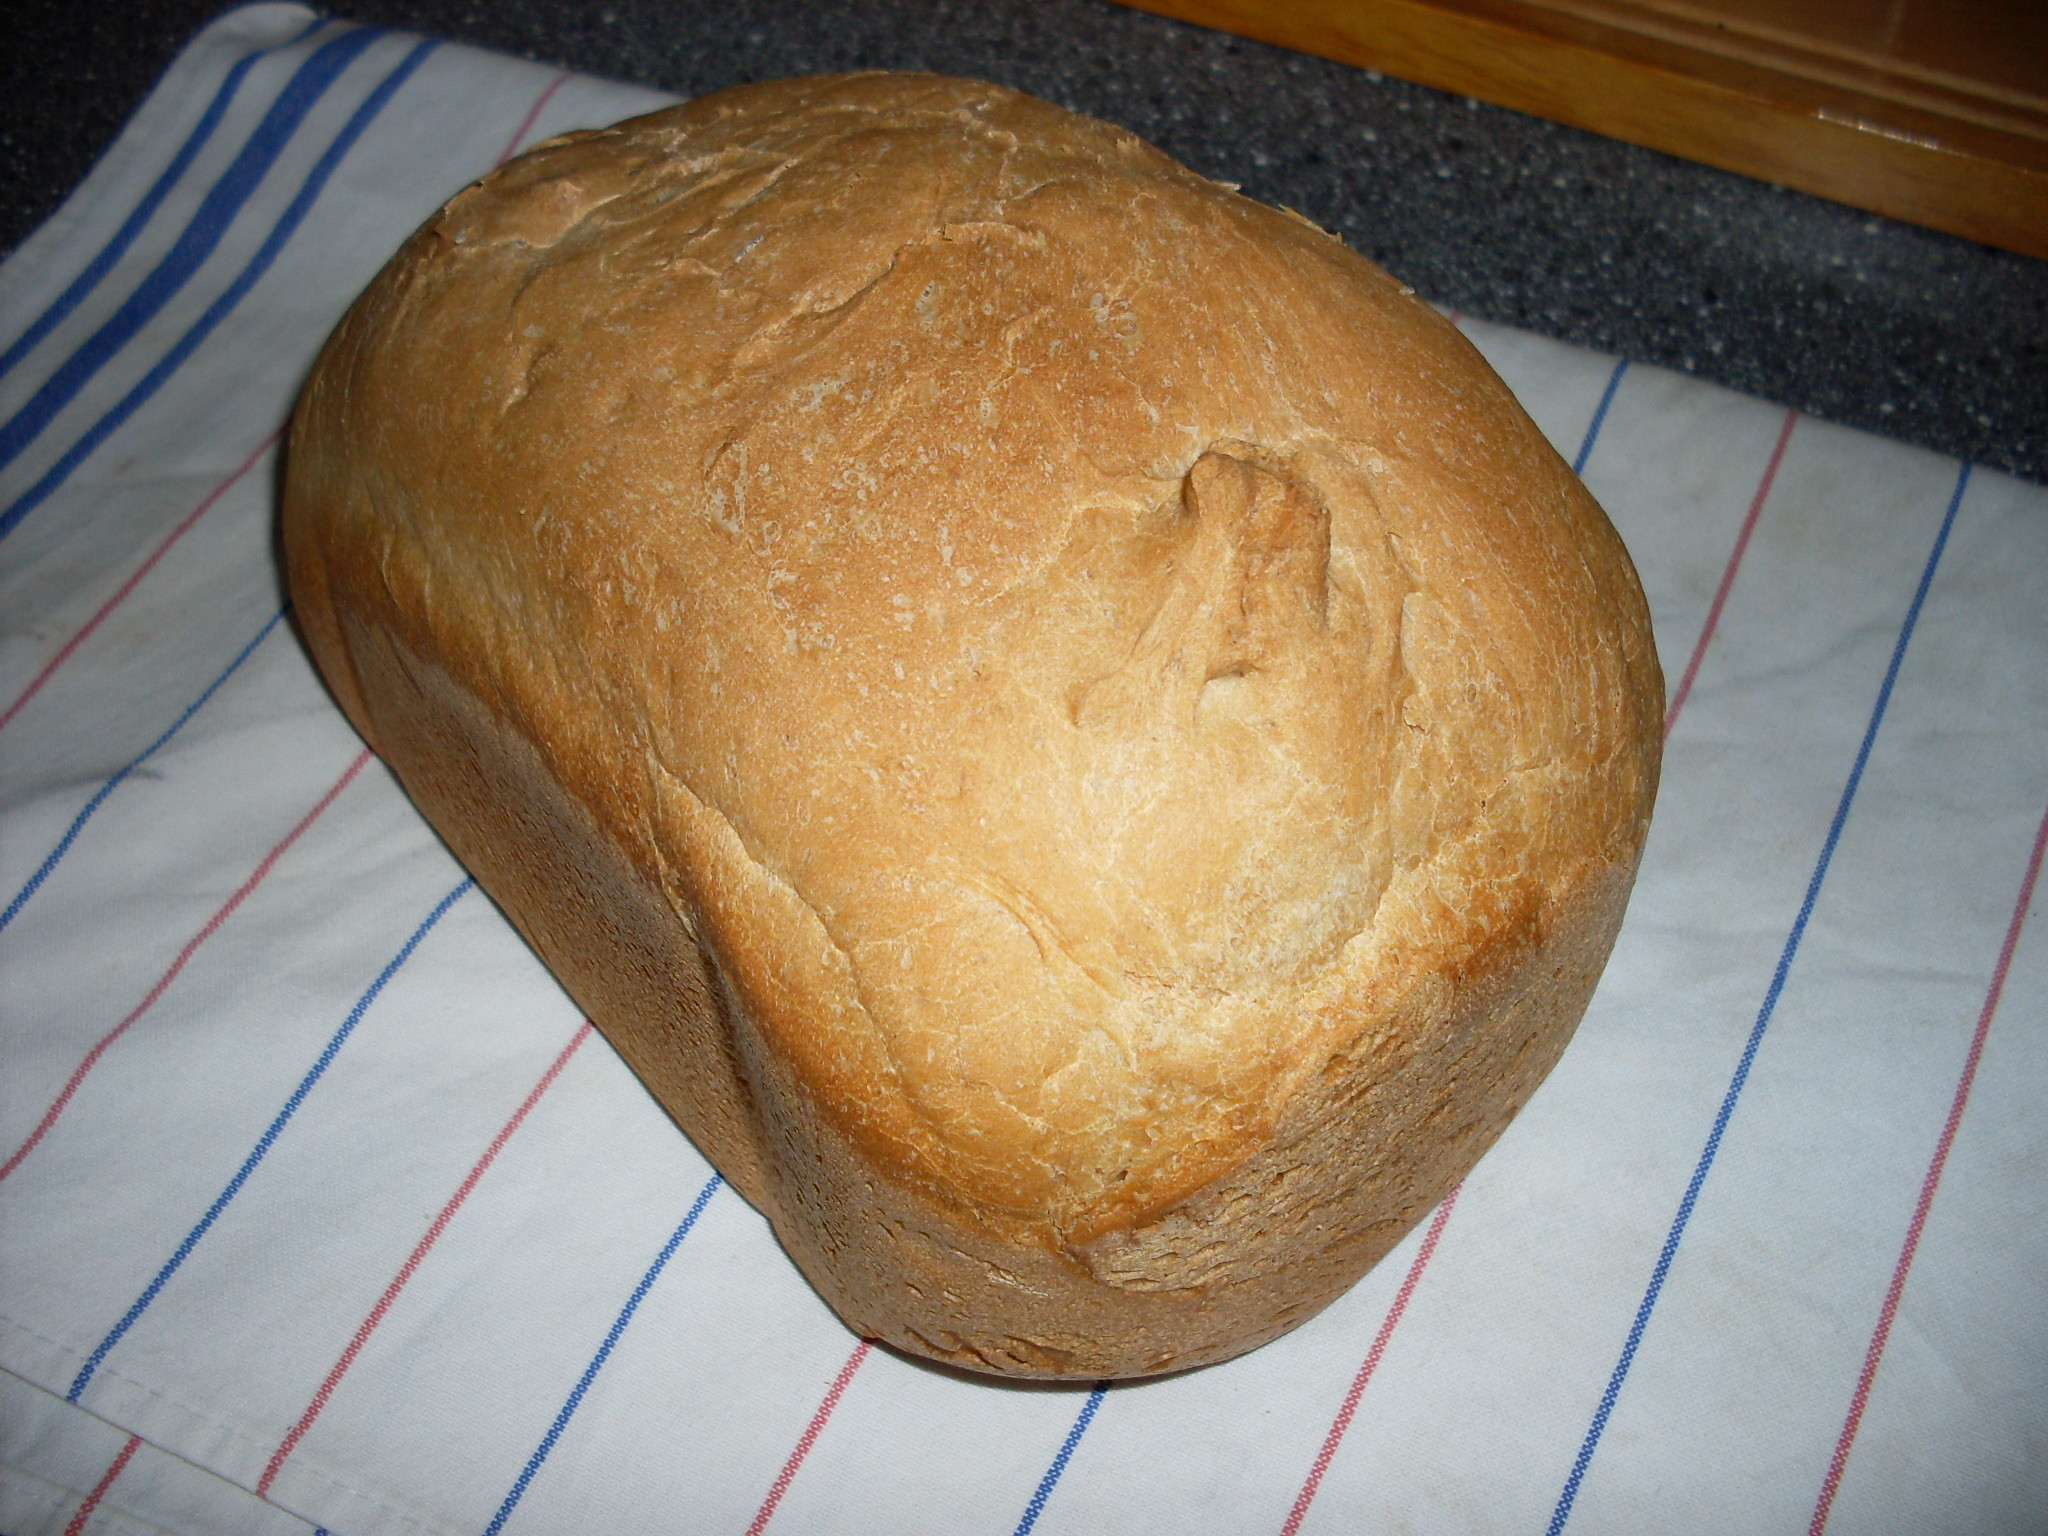 Recept Výborný chléb z domácí pekárny - První!